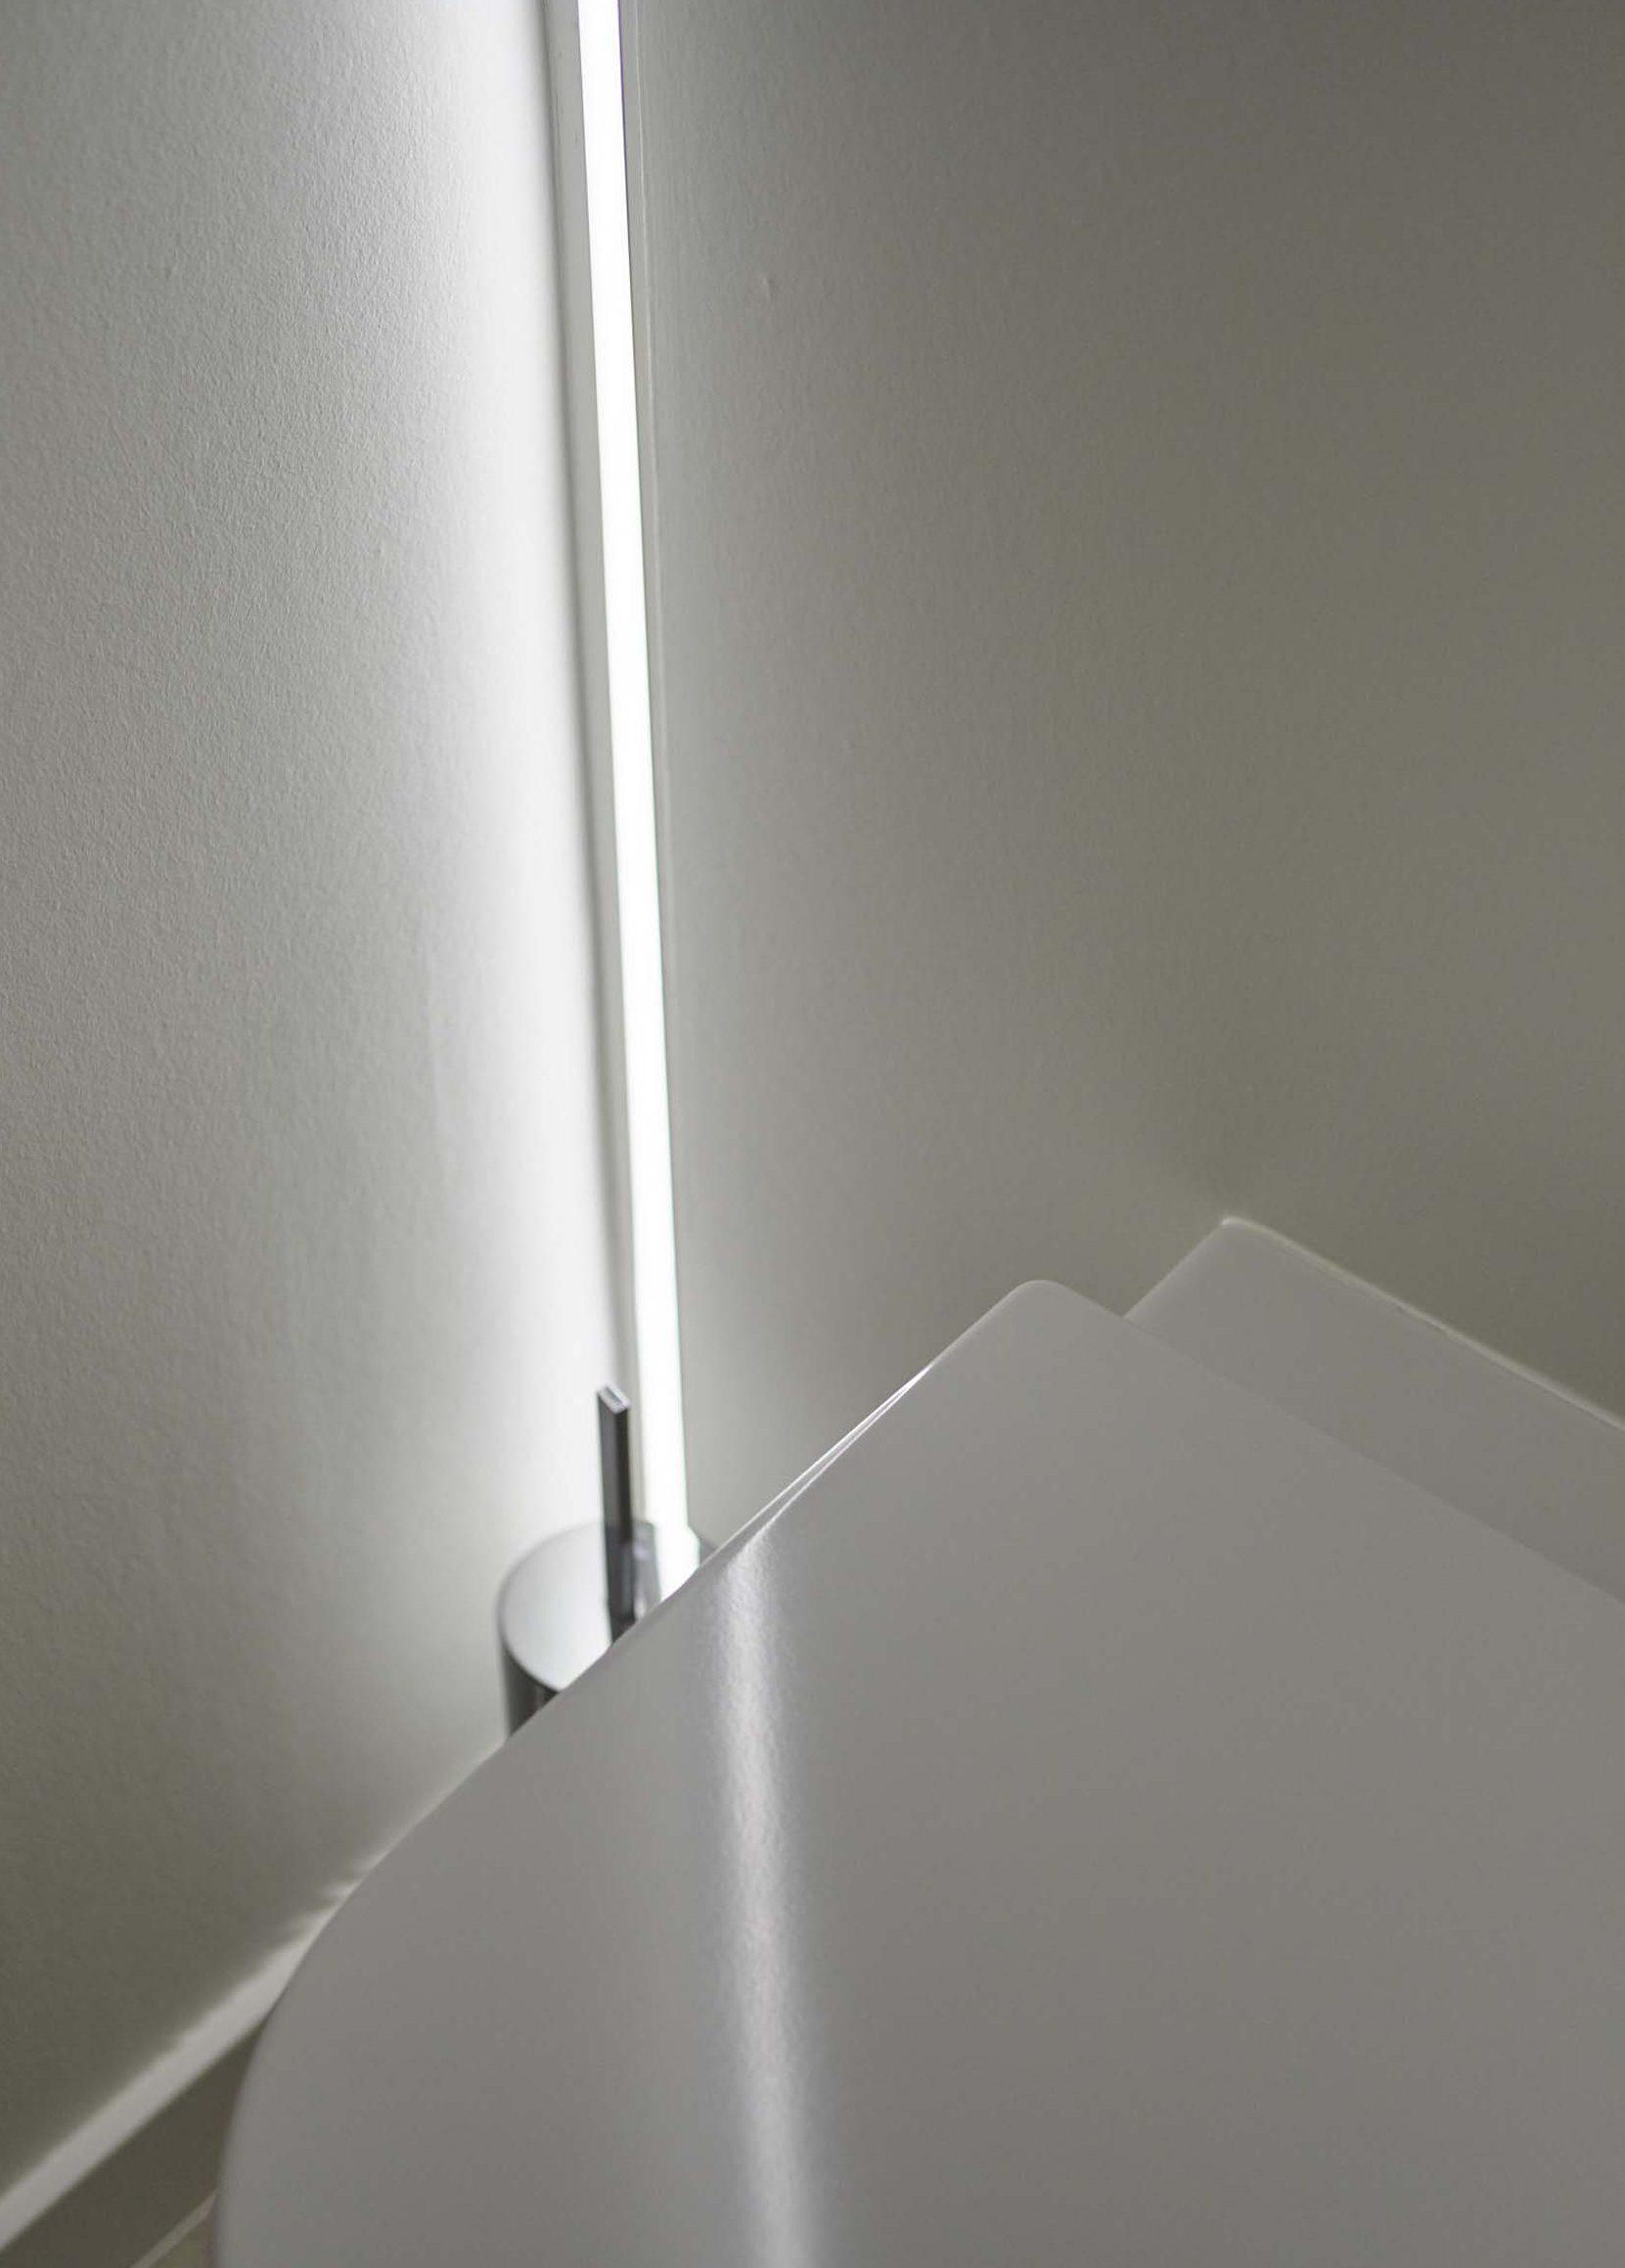 Vanda-projects-interieurinrichting-meubelmakerij-oost-vlaanderen-riem-toilet